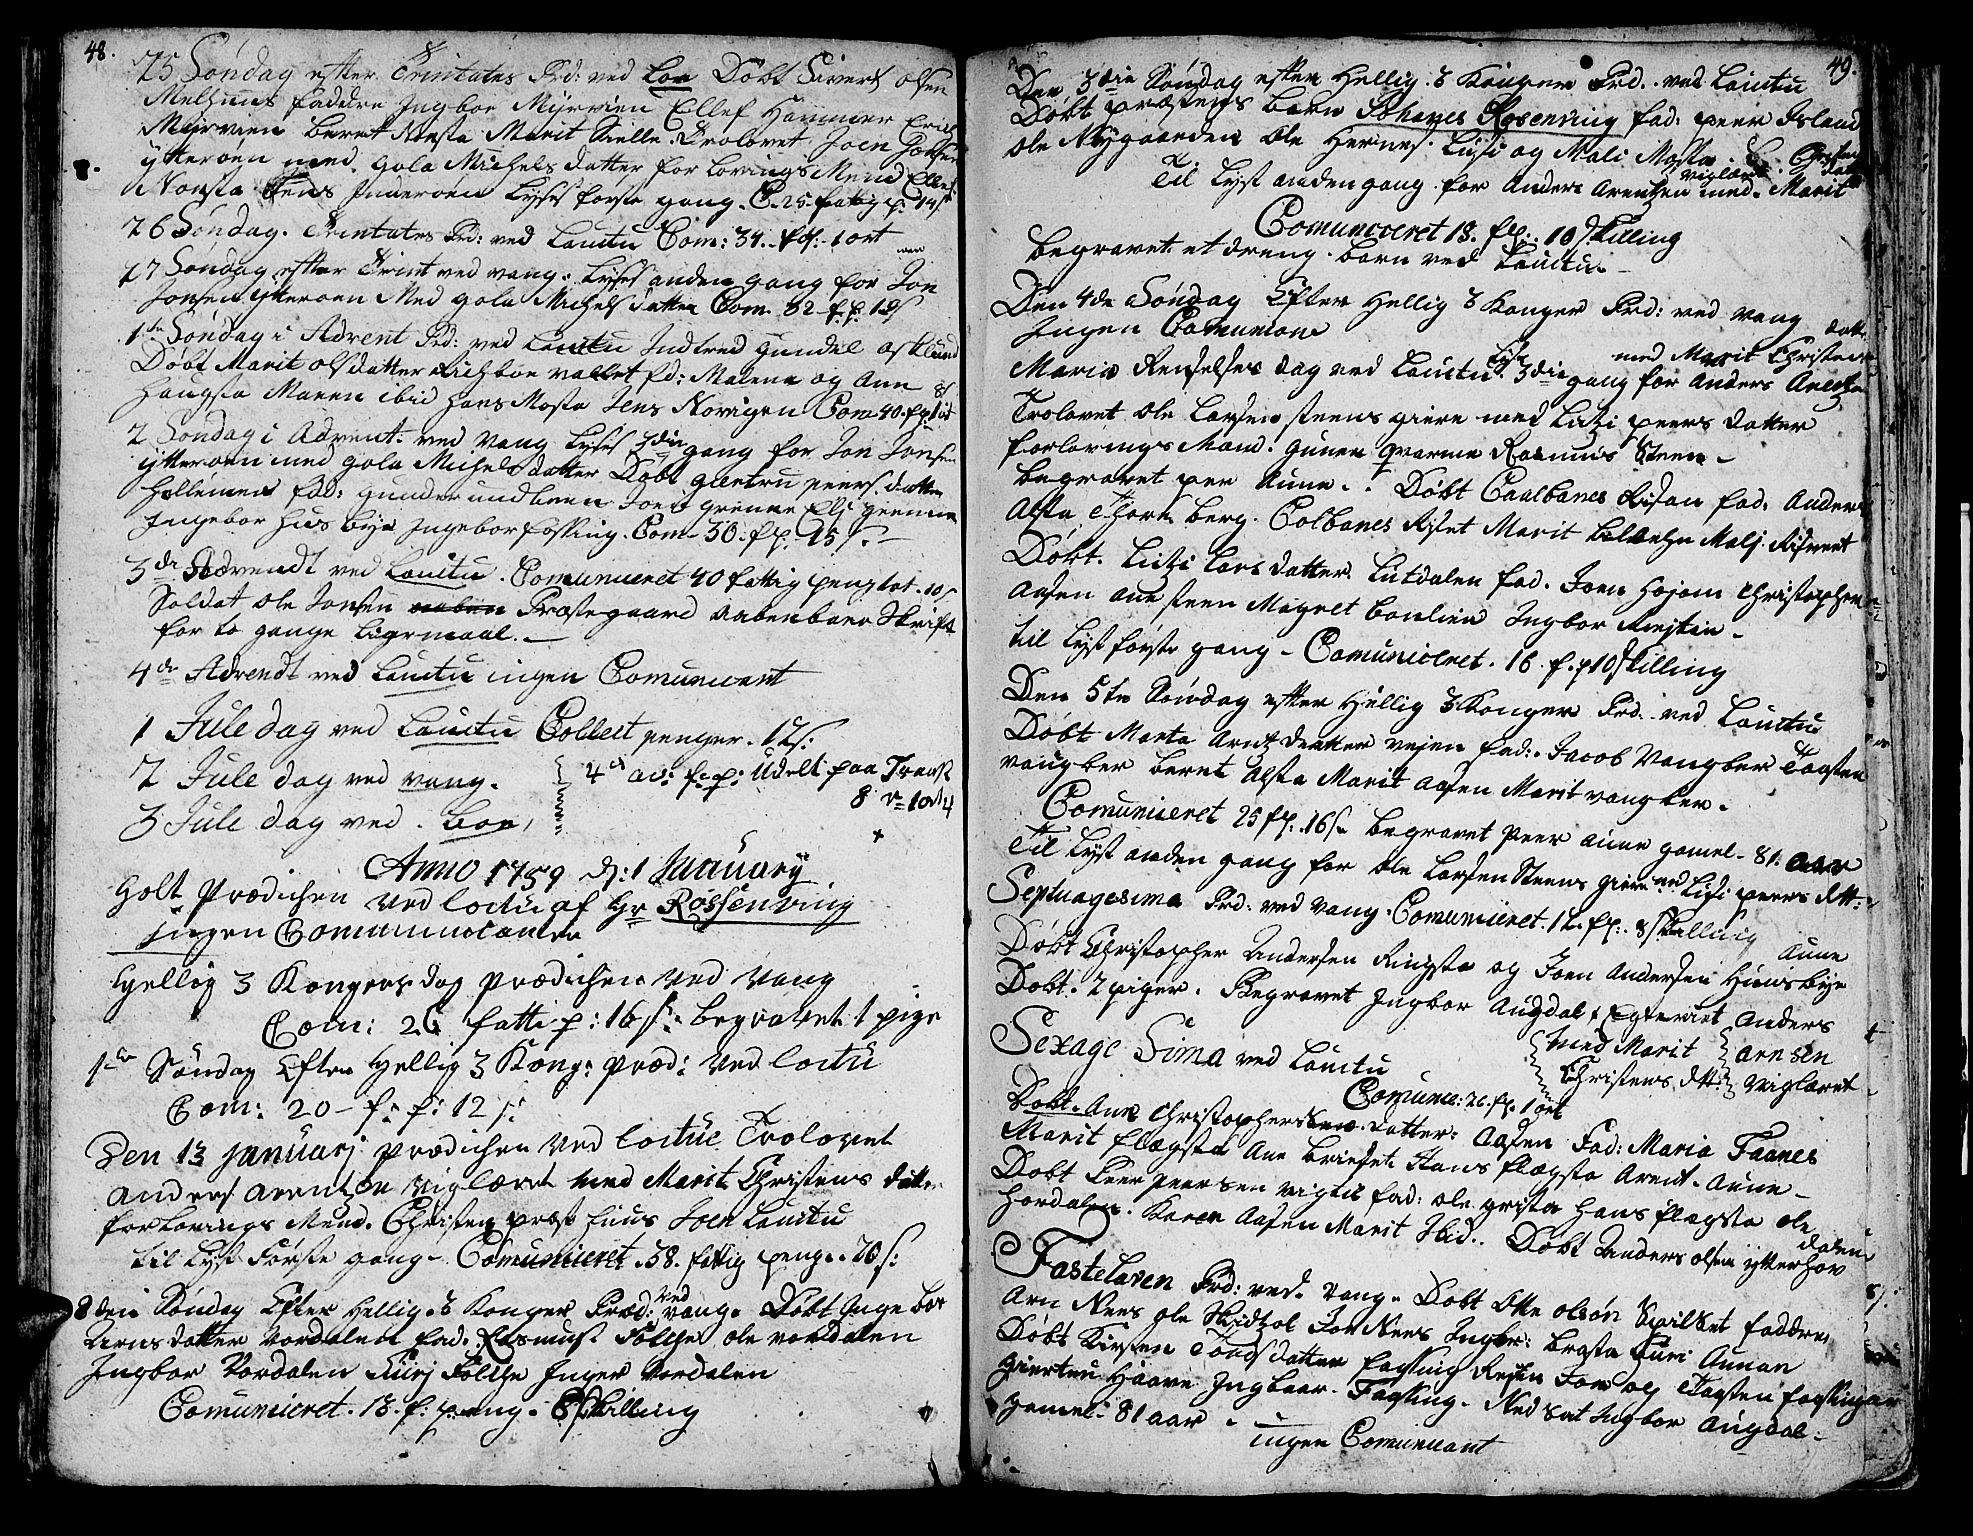 SAT, Ministerialprotokoller, klokkerbøker og fødselsregistre - Nord-Trøndelag, 713/L0109: Ministerialbok nr. 713A01, 1750-1778, s. 48-49